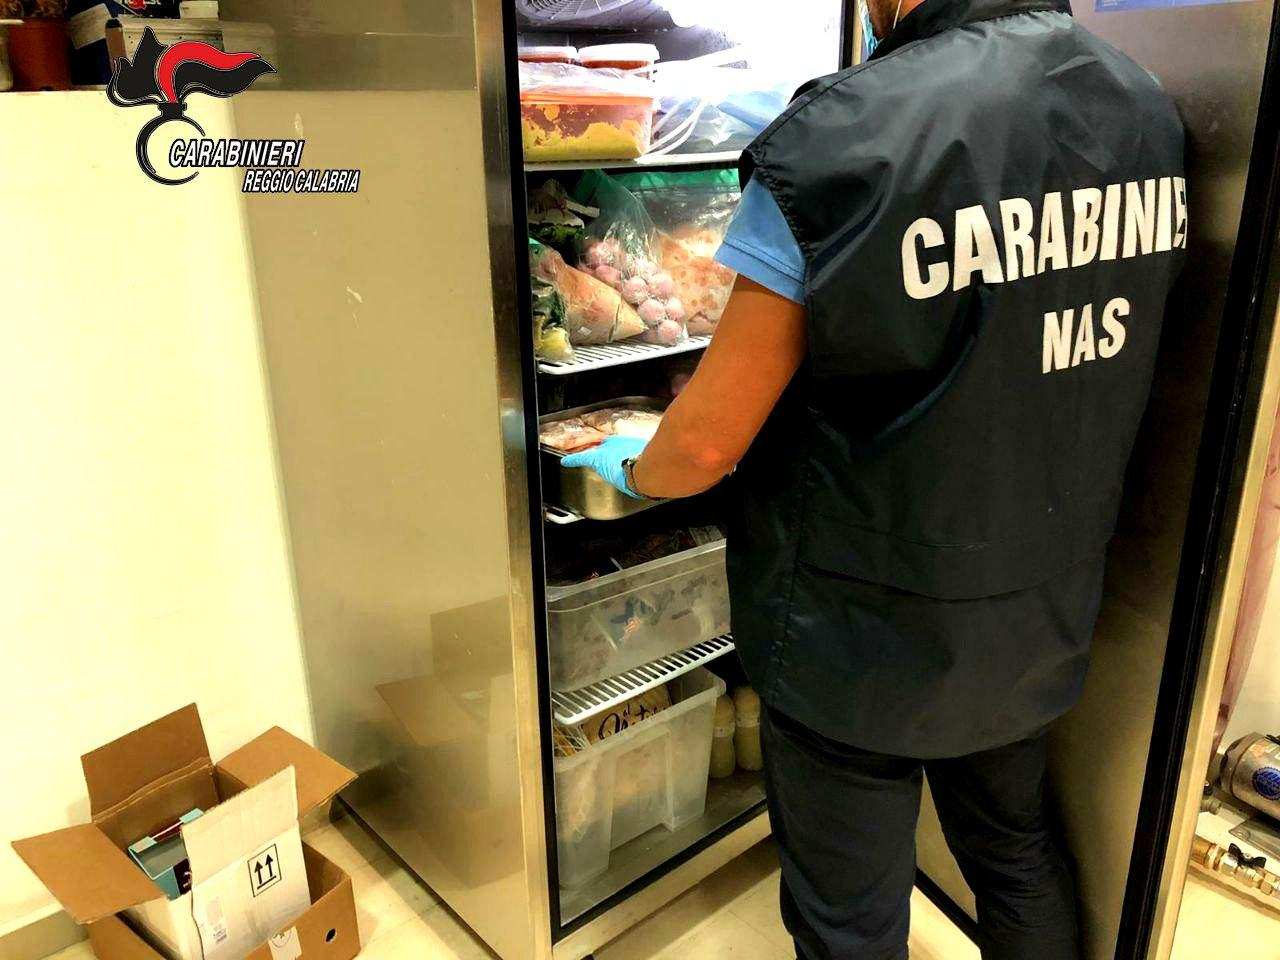 Reggio Calabria, cibo congelato e mal conservato. Denunciata la titolare di un ristorante